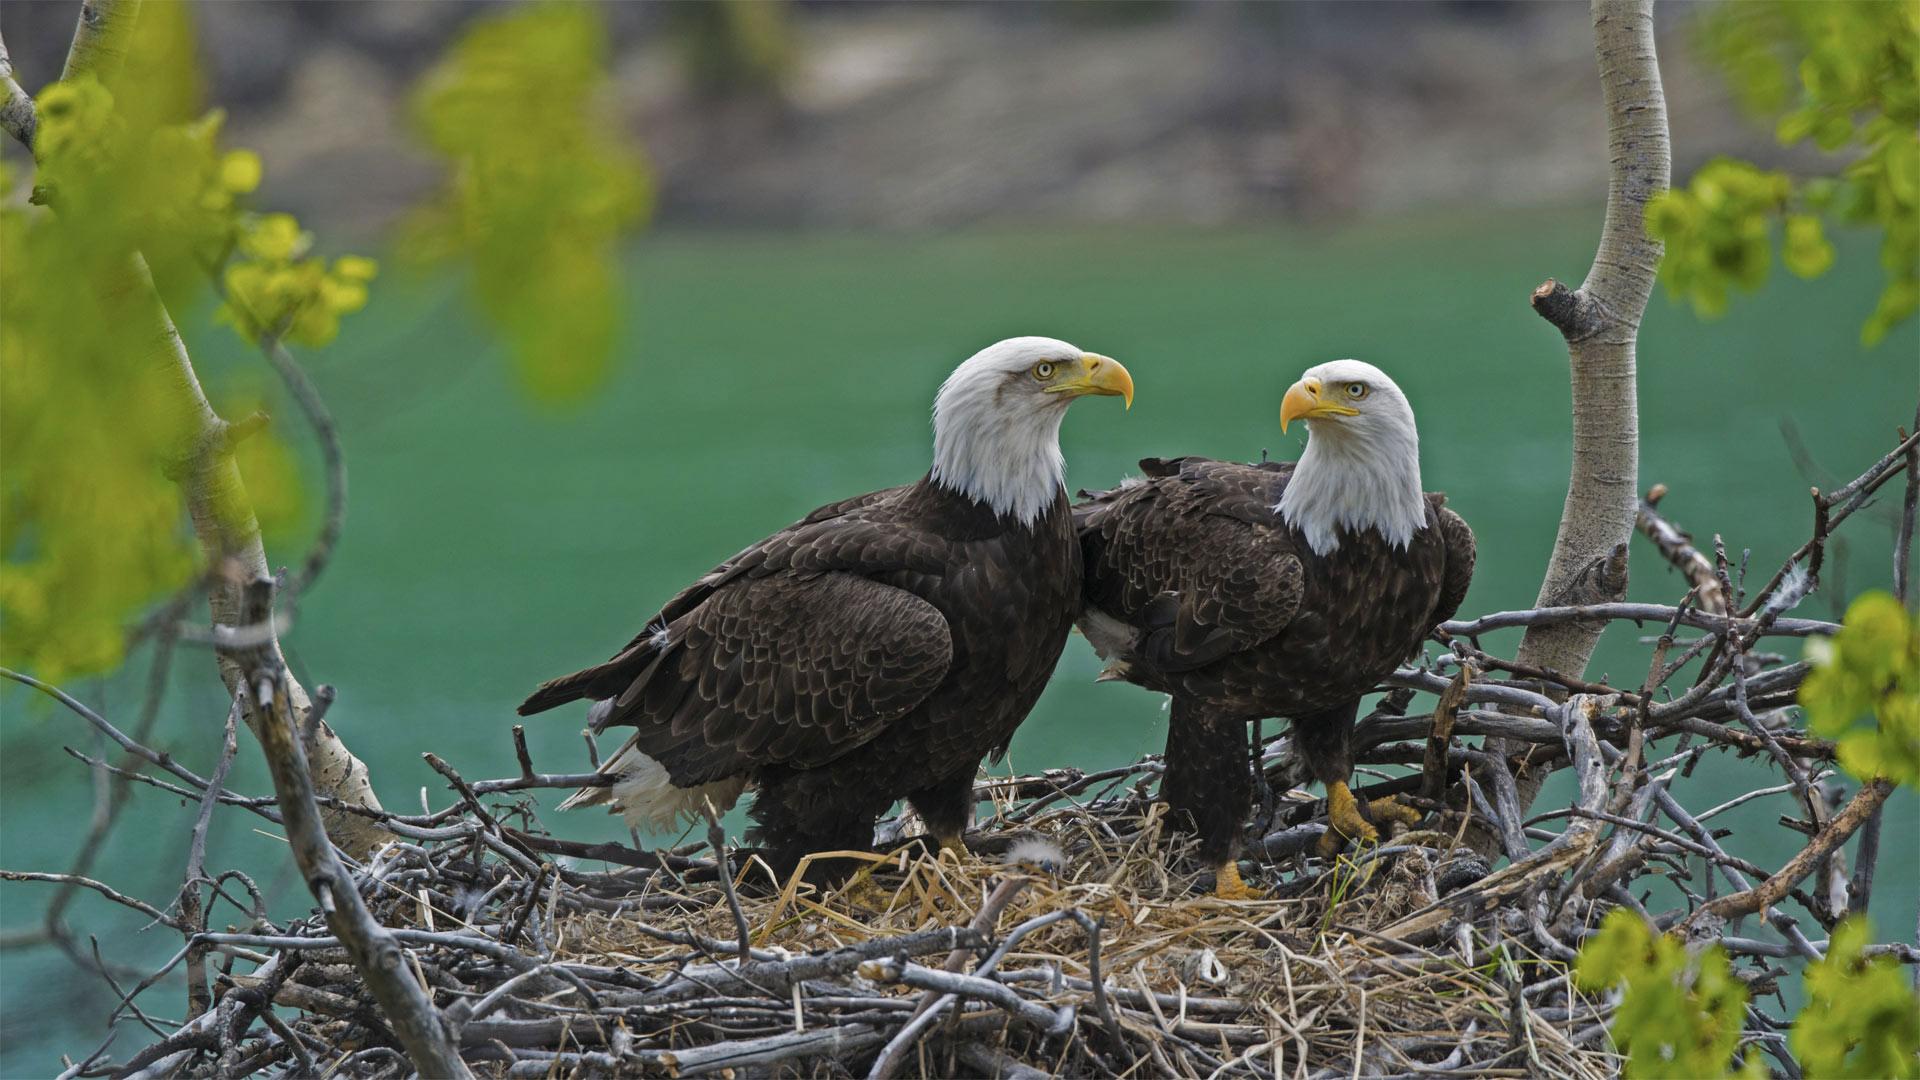 育空河附近巢穴中的一对白头海雕和雏鹰,加拿大育空 (© Mark Newman/Minden Pictures)